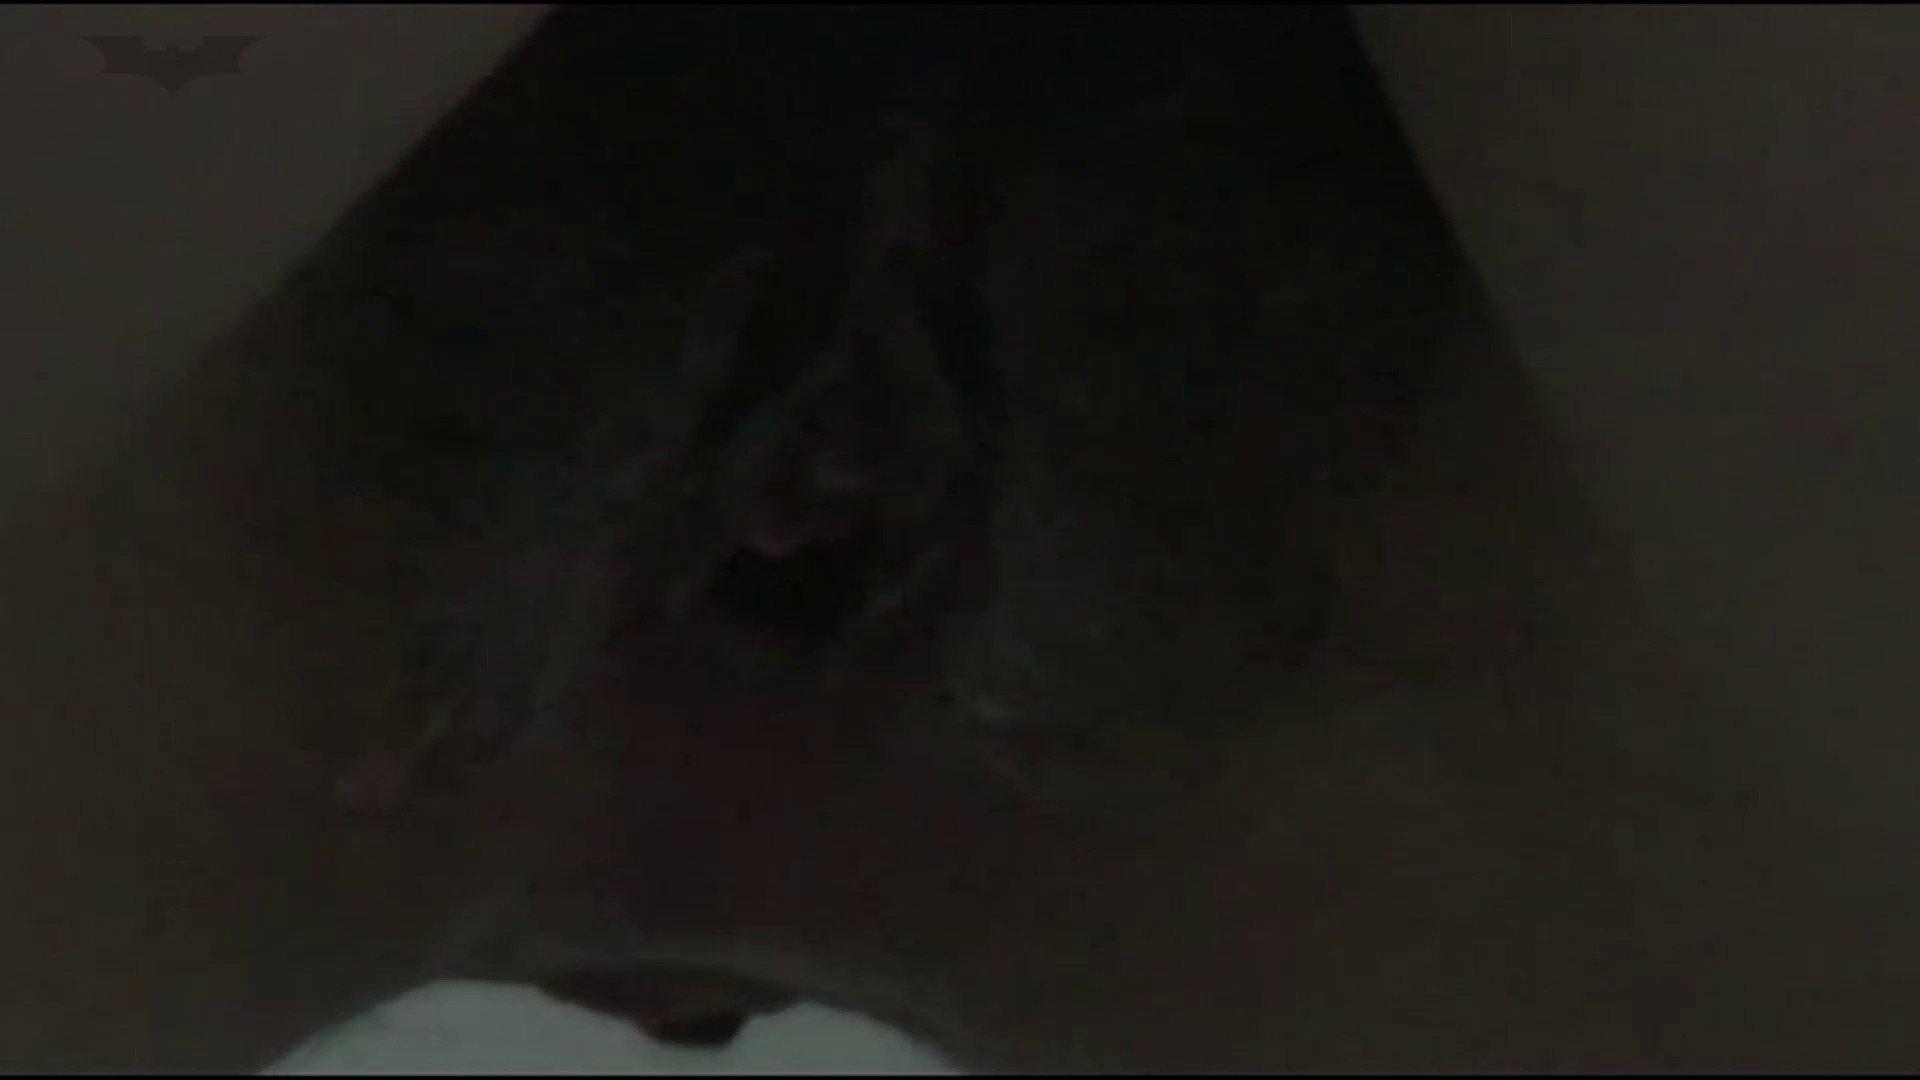 JD盗撮 美女の洗面所の秘密 Vol.16 民家 ワレメ無修正動画無料 96画像 28